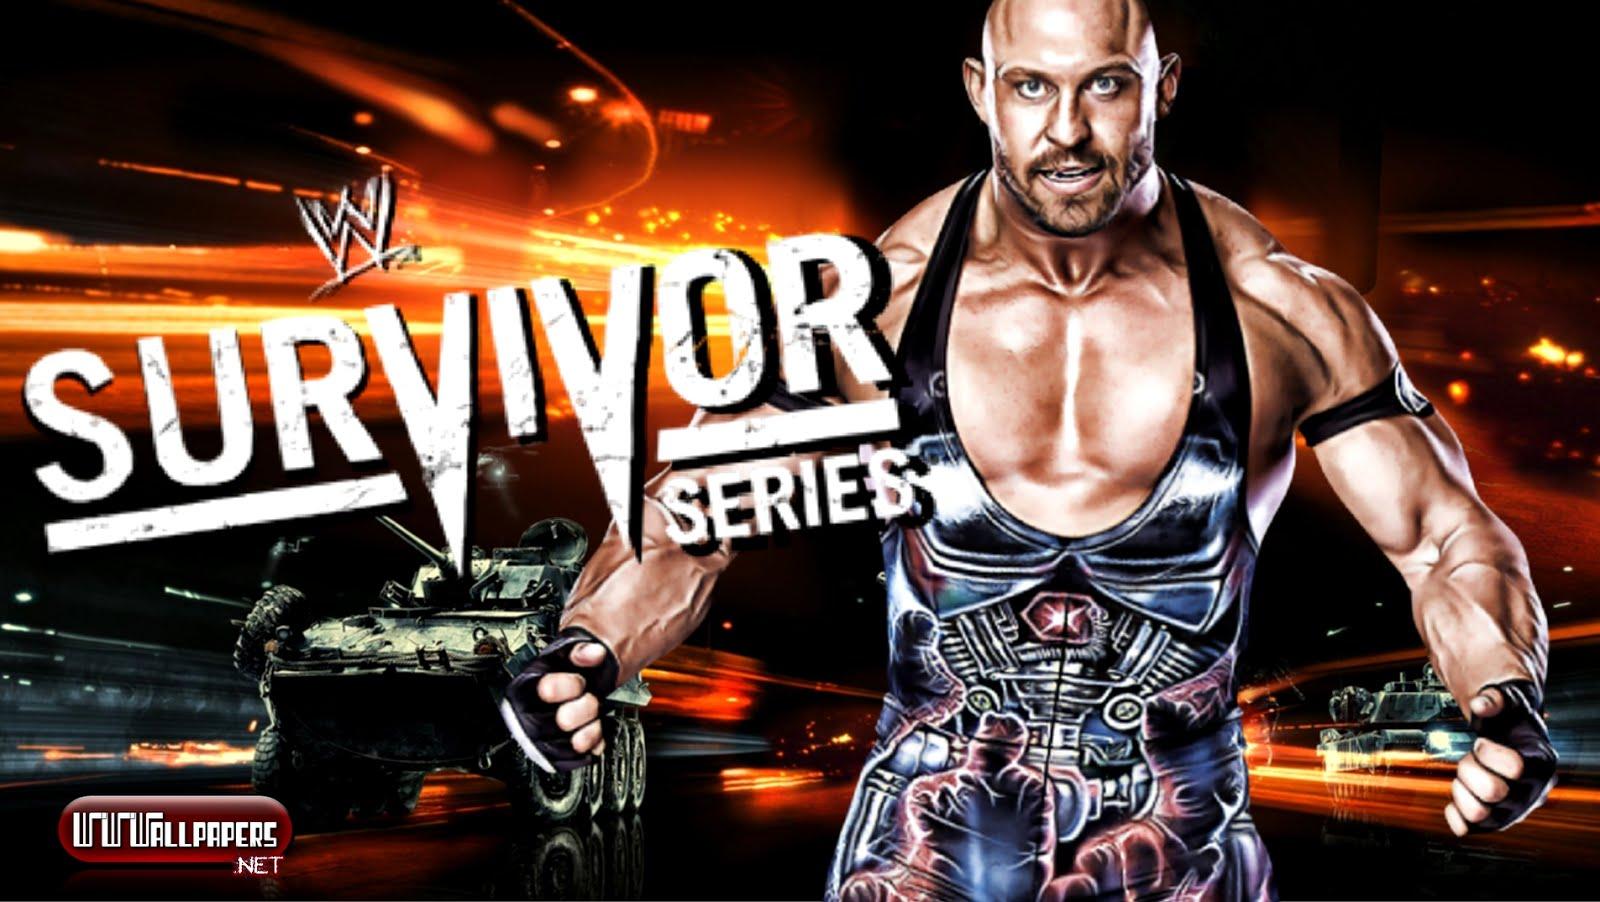 http://3.bp.blogspot.com/-WrPNMulN4P0/UI6jjegDckI/AAAAAAAACy8/bHUXE_QzY-o/s1600/Survivor+Series+2012+2013+wallpaper+poster+ryback+wwe.jpg